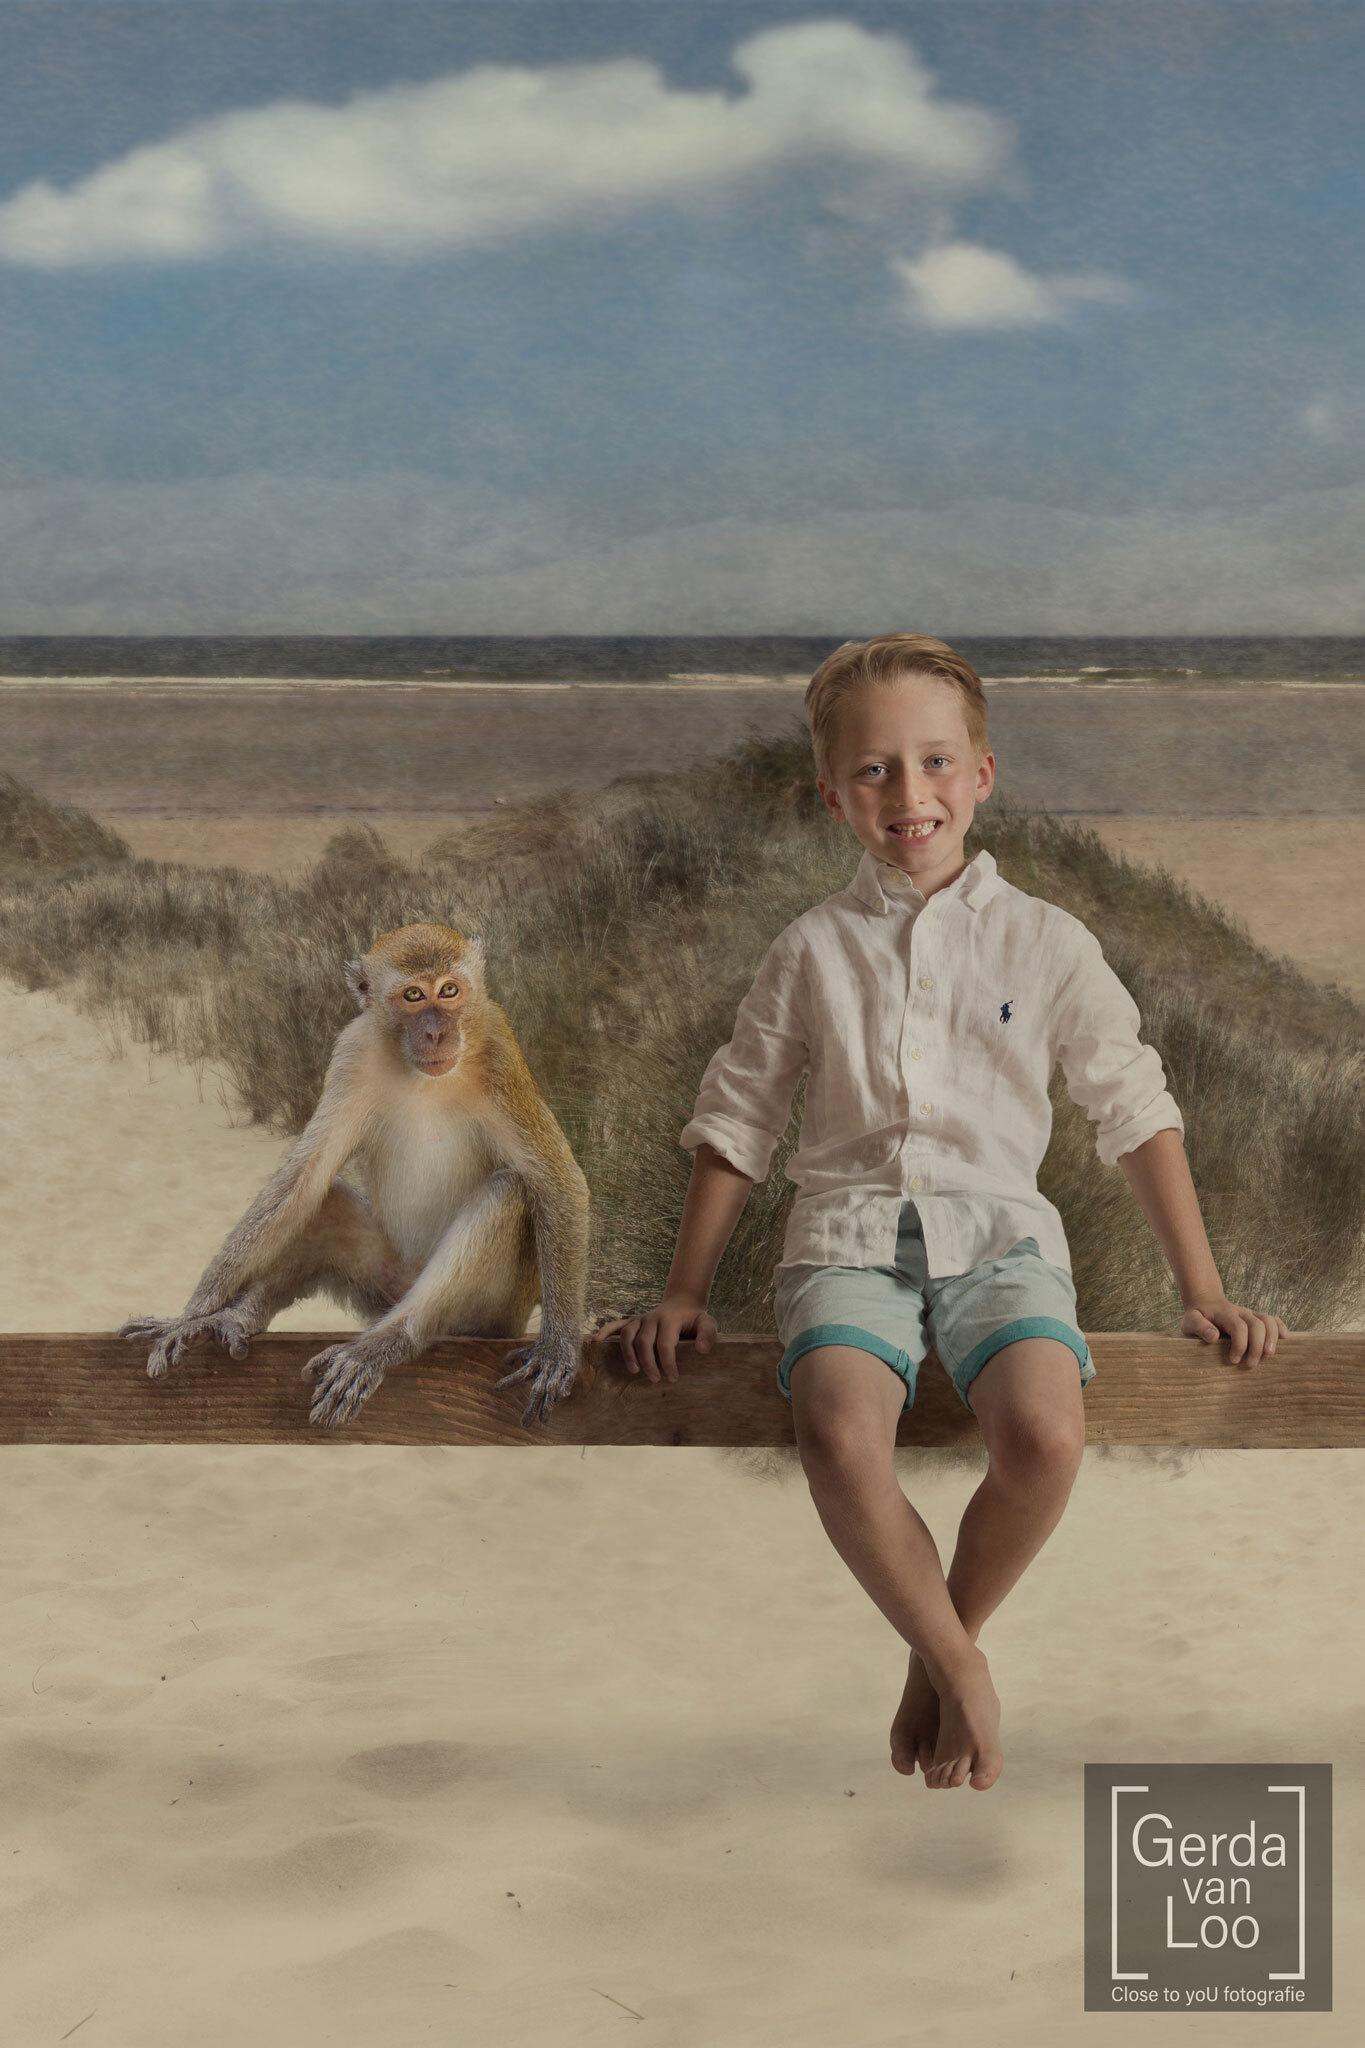 inheritance part 2 - serie speciale kinderportretten gemaakt naar de wensen van de ouders en elk kind heeft zijn/haar favoriete dieren op de foto staan deel 2 van 4 - foto door close.to.yoU.fotografie op 09-04-2021 - deze foto bevat: lucht, wolk, primaat, ecoregio, gewervelde, shorts, zoogdier, gelukkig, mensen in de natuur, landschap